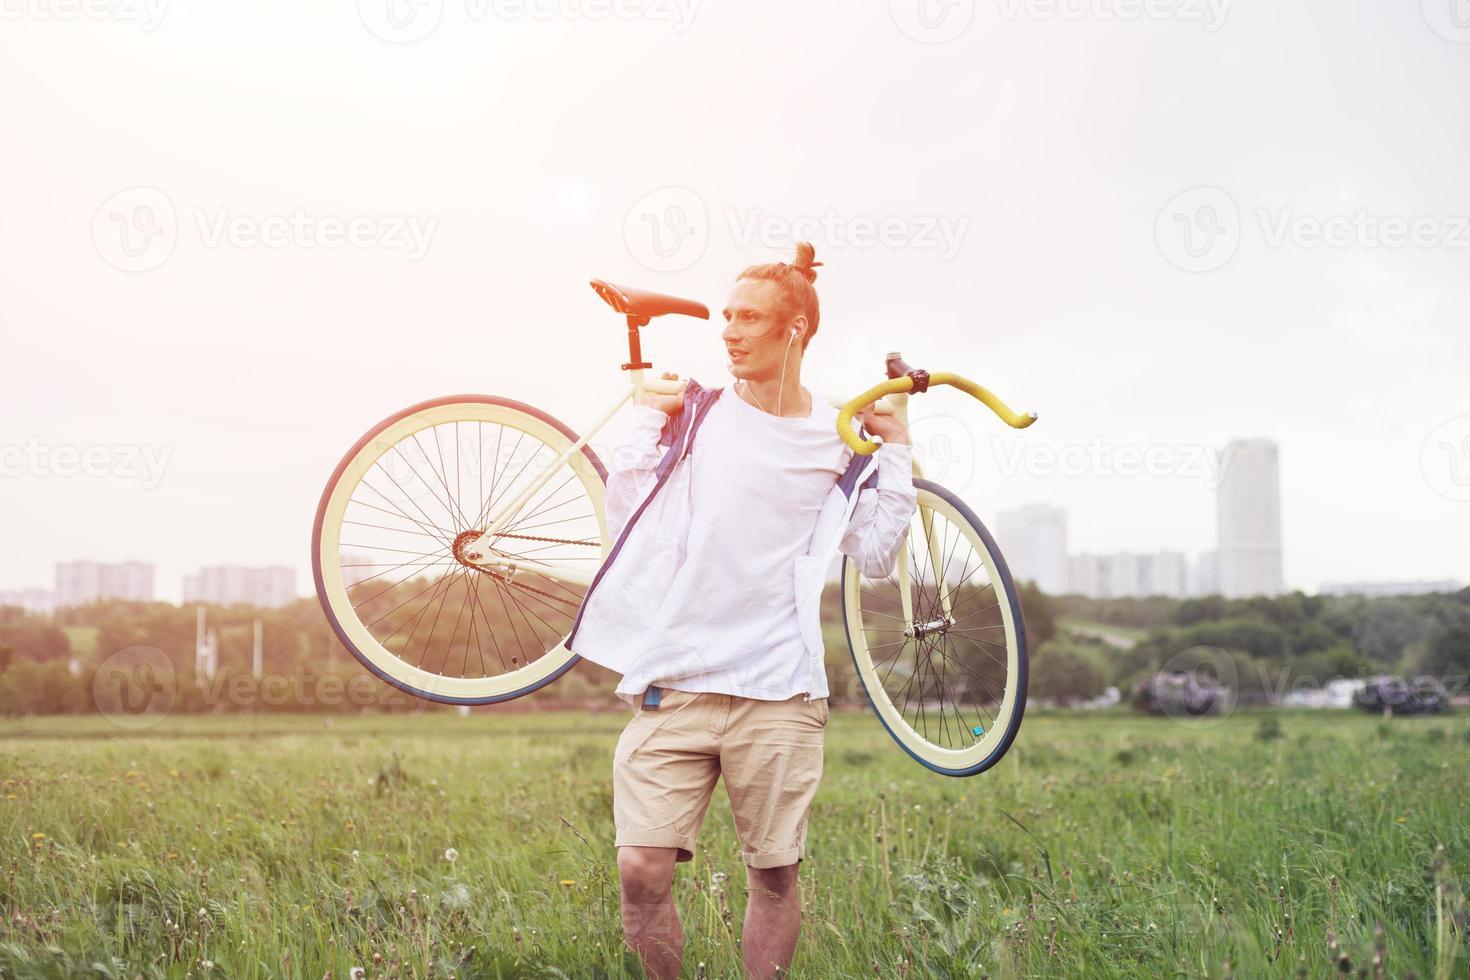 homem sorridente na camiseta em branco andando com bicicleta foto